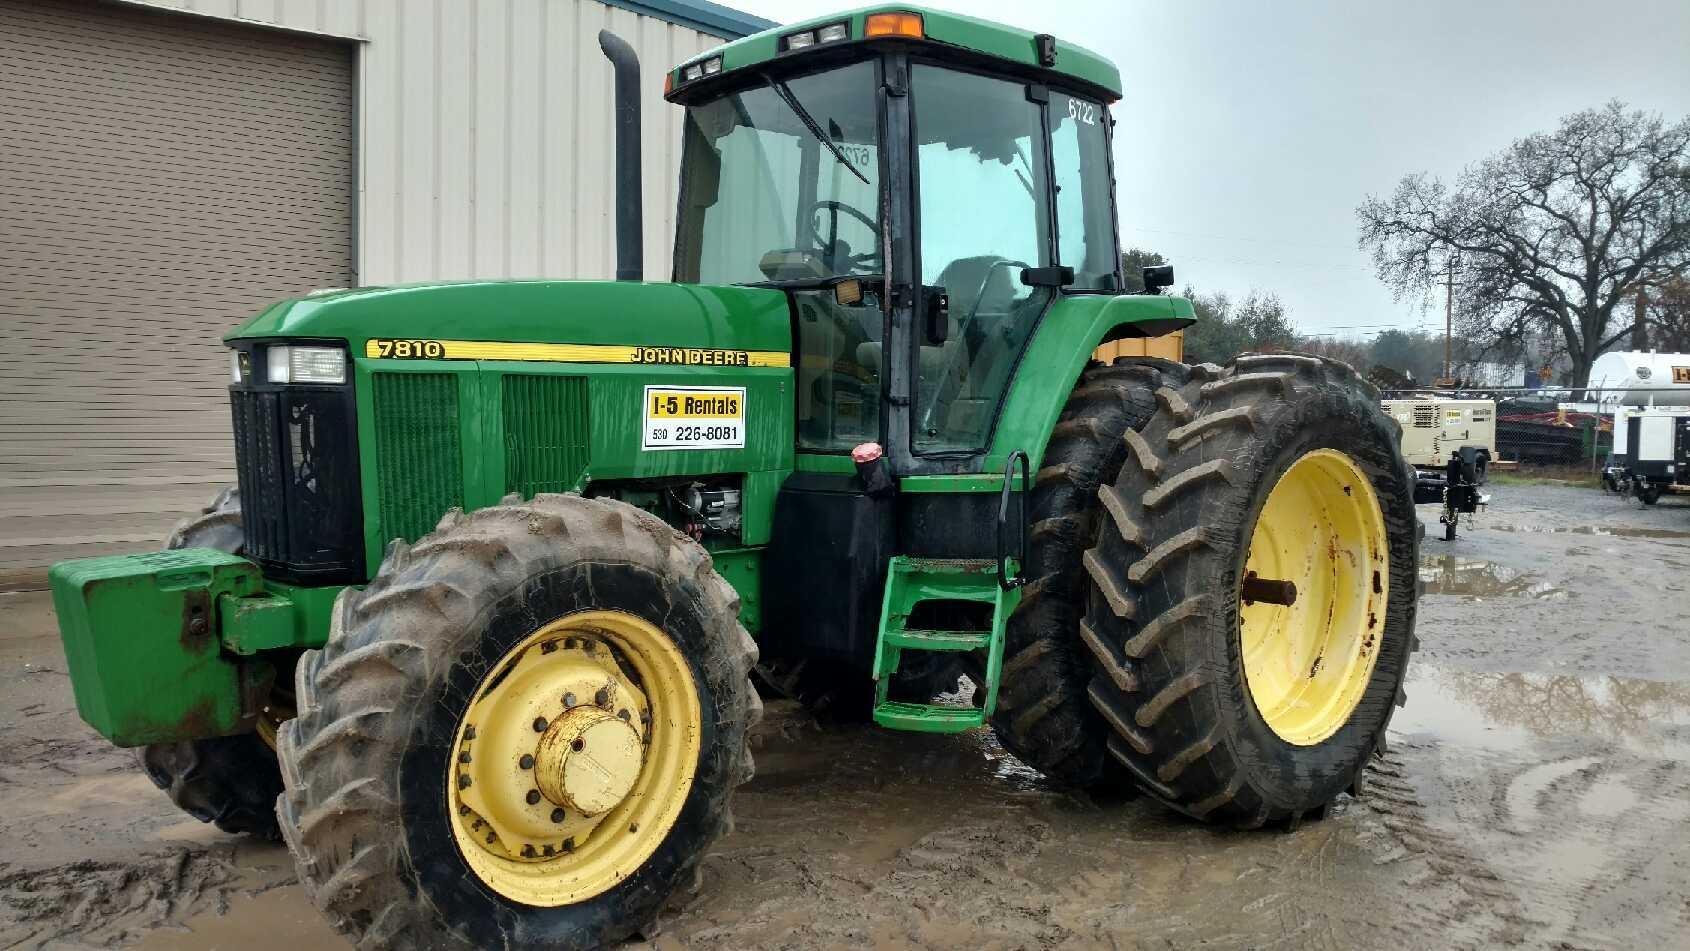 AG TRACTOR 7810 John Deere  FOR SALE